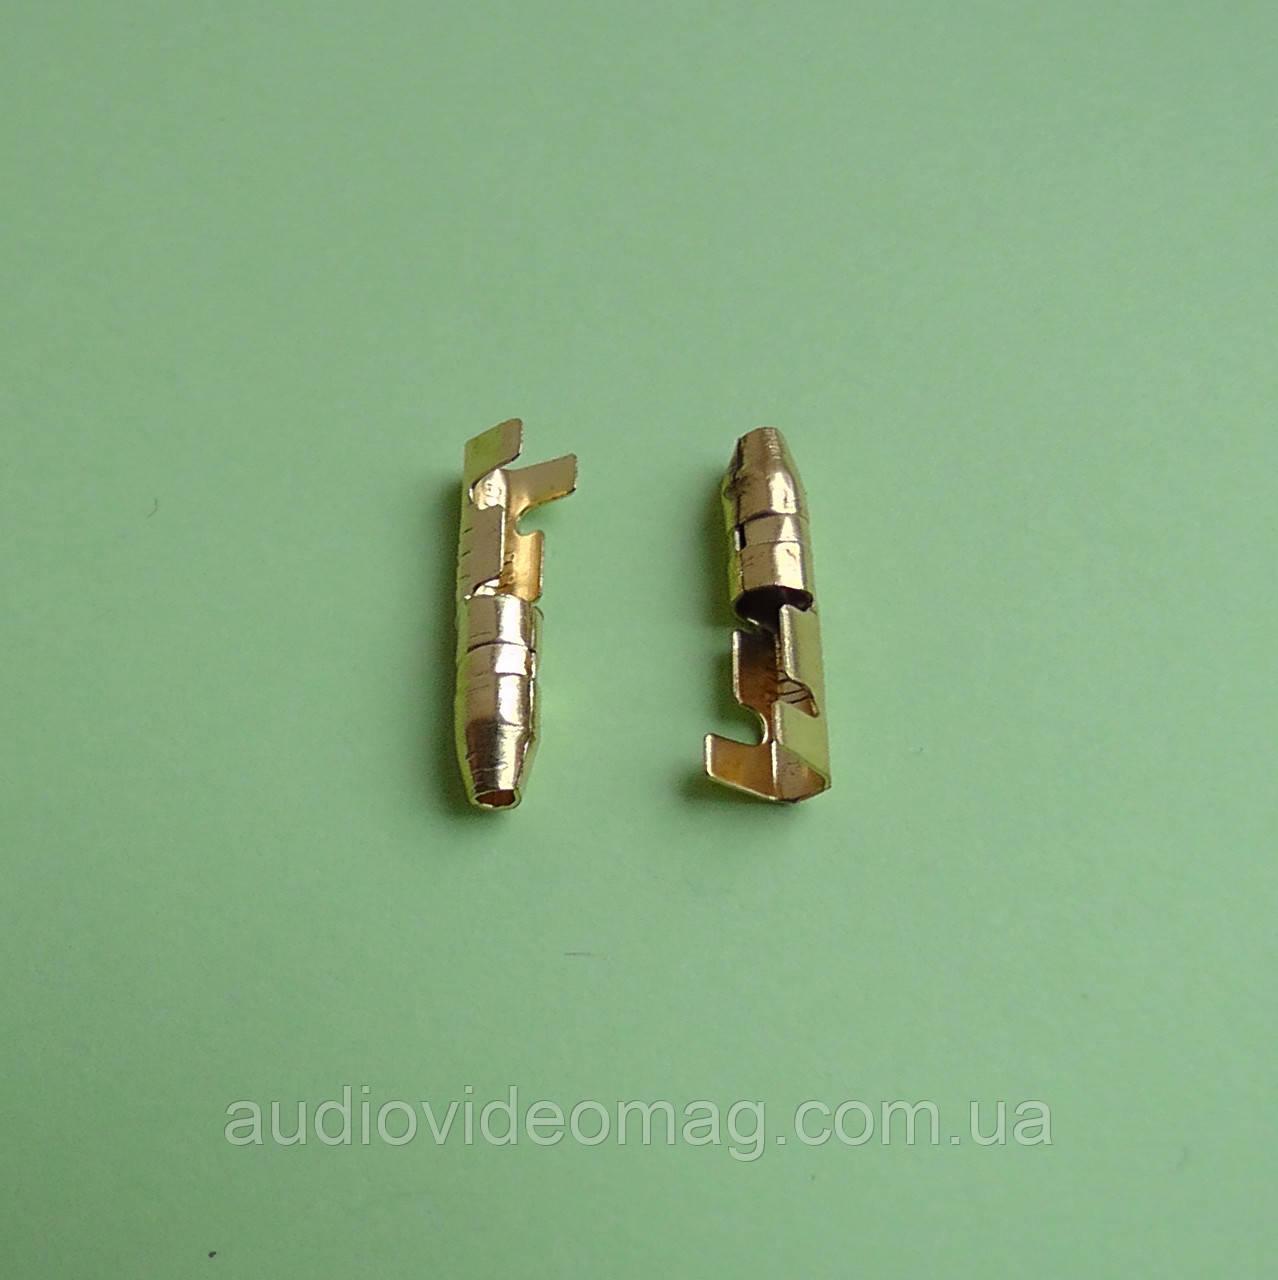 Клемма трубчатая 3.5 мм, папа, упаковка 50 шт.